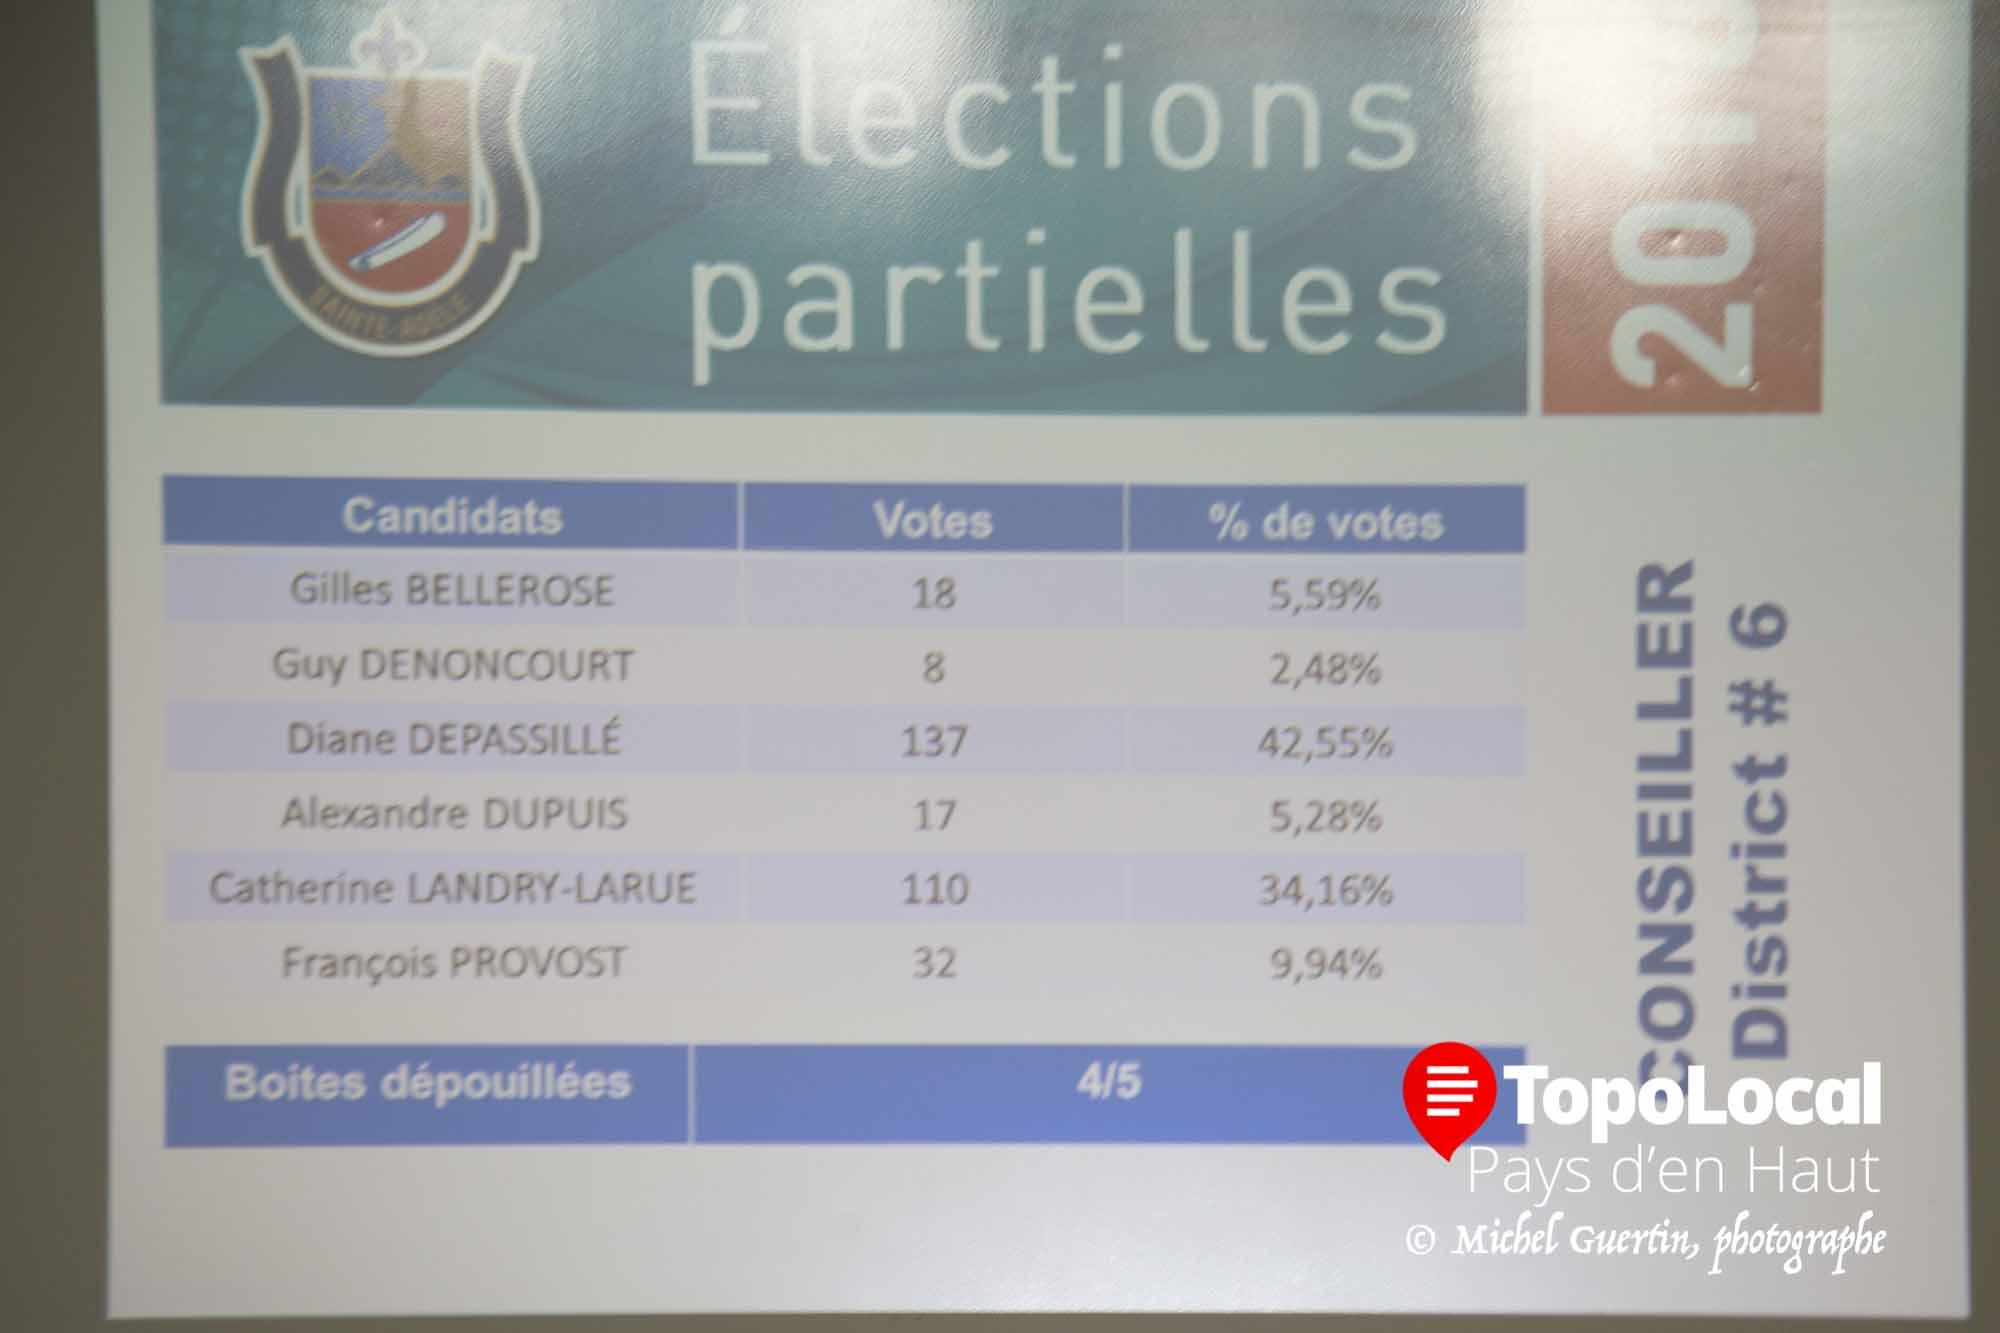 20160501-sainte-adele-mairie-conseillers-partielles-2